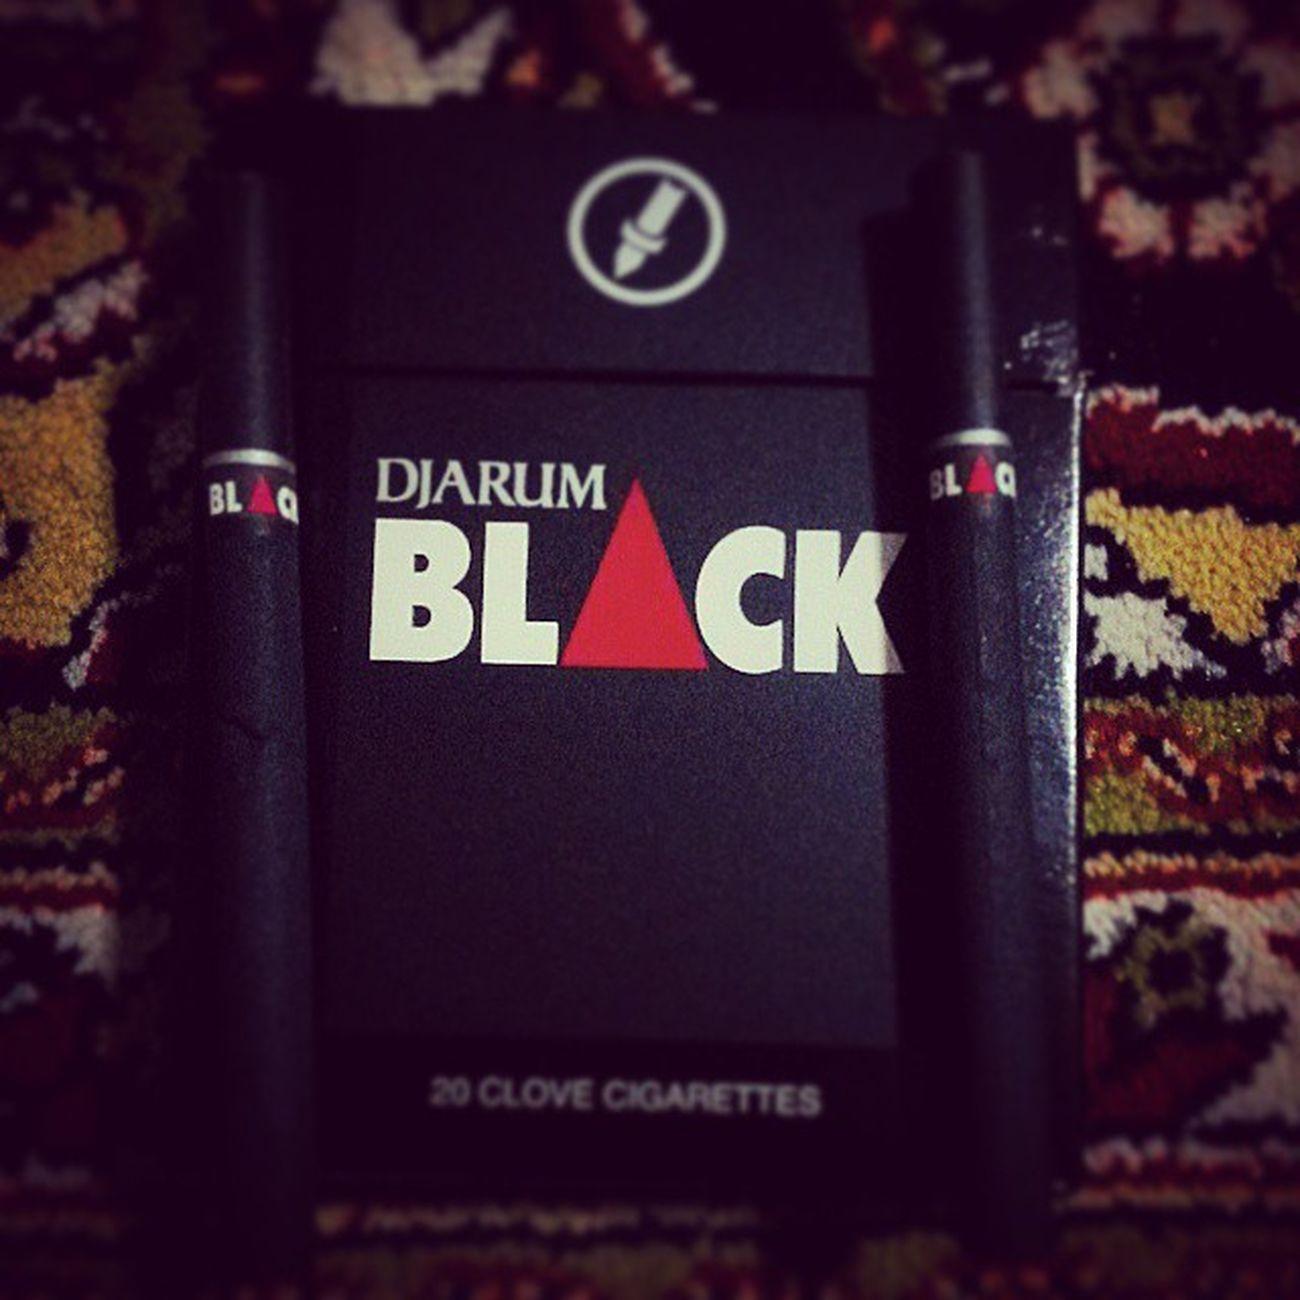 Djarum Black Cigar Smoke smokinggoodperfect